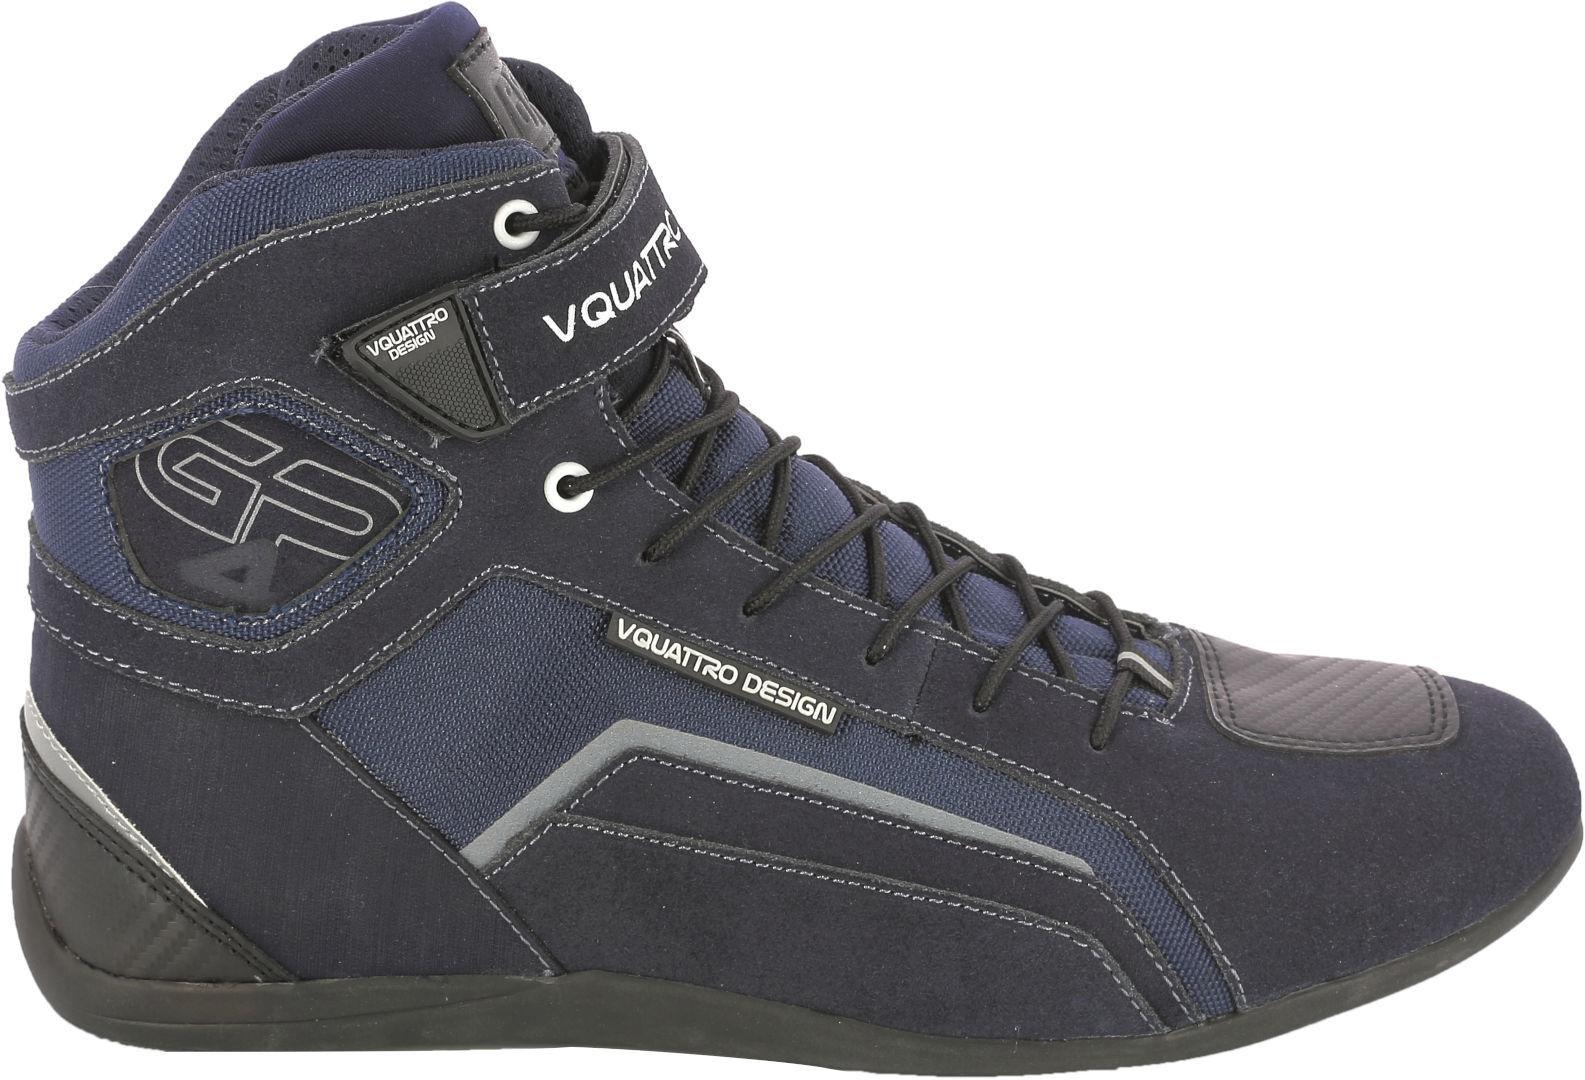 VQuattro GP4 19 Chaussures de moto Bleu taille : 46